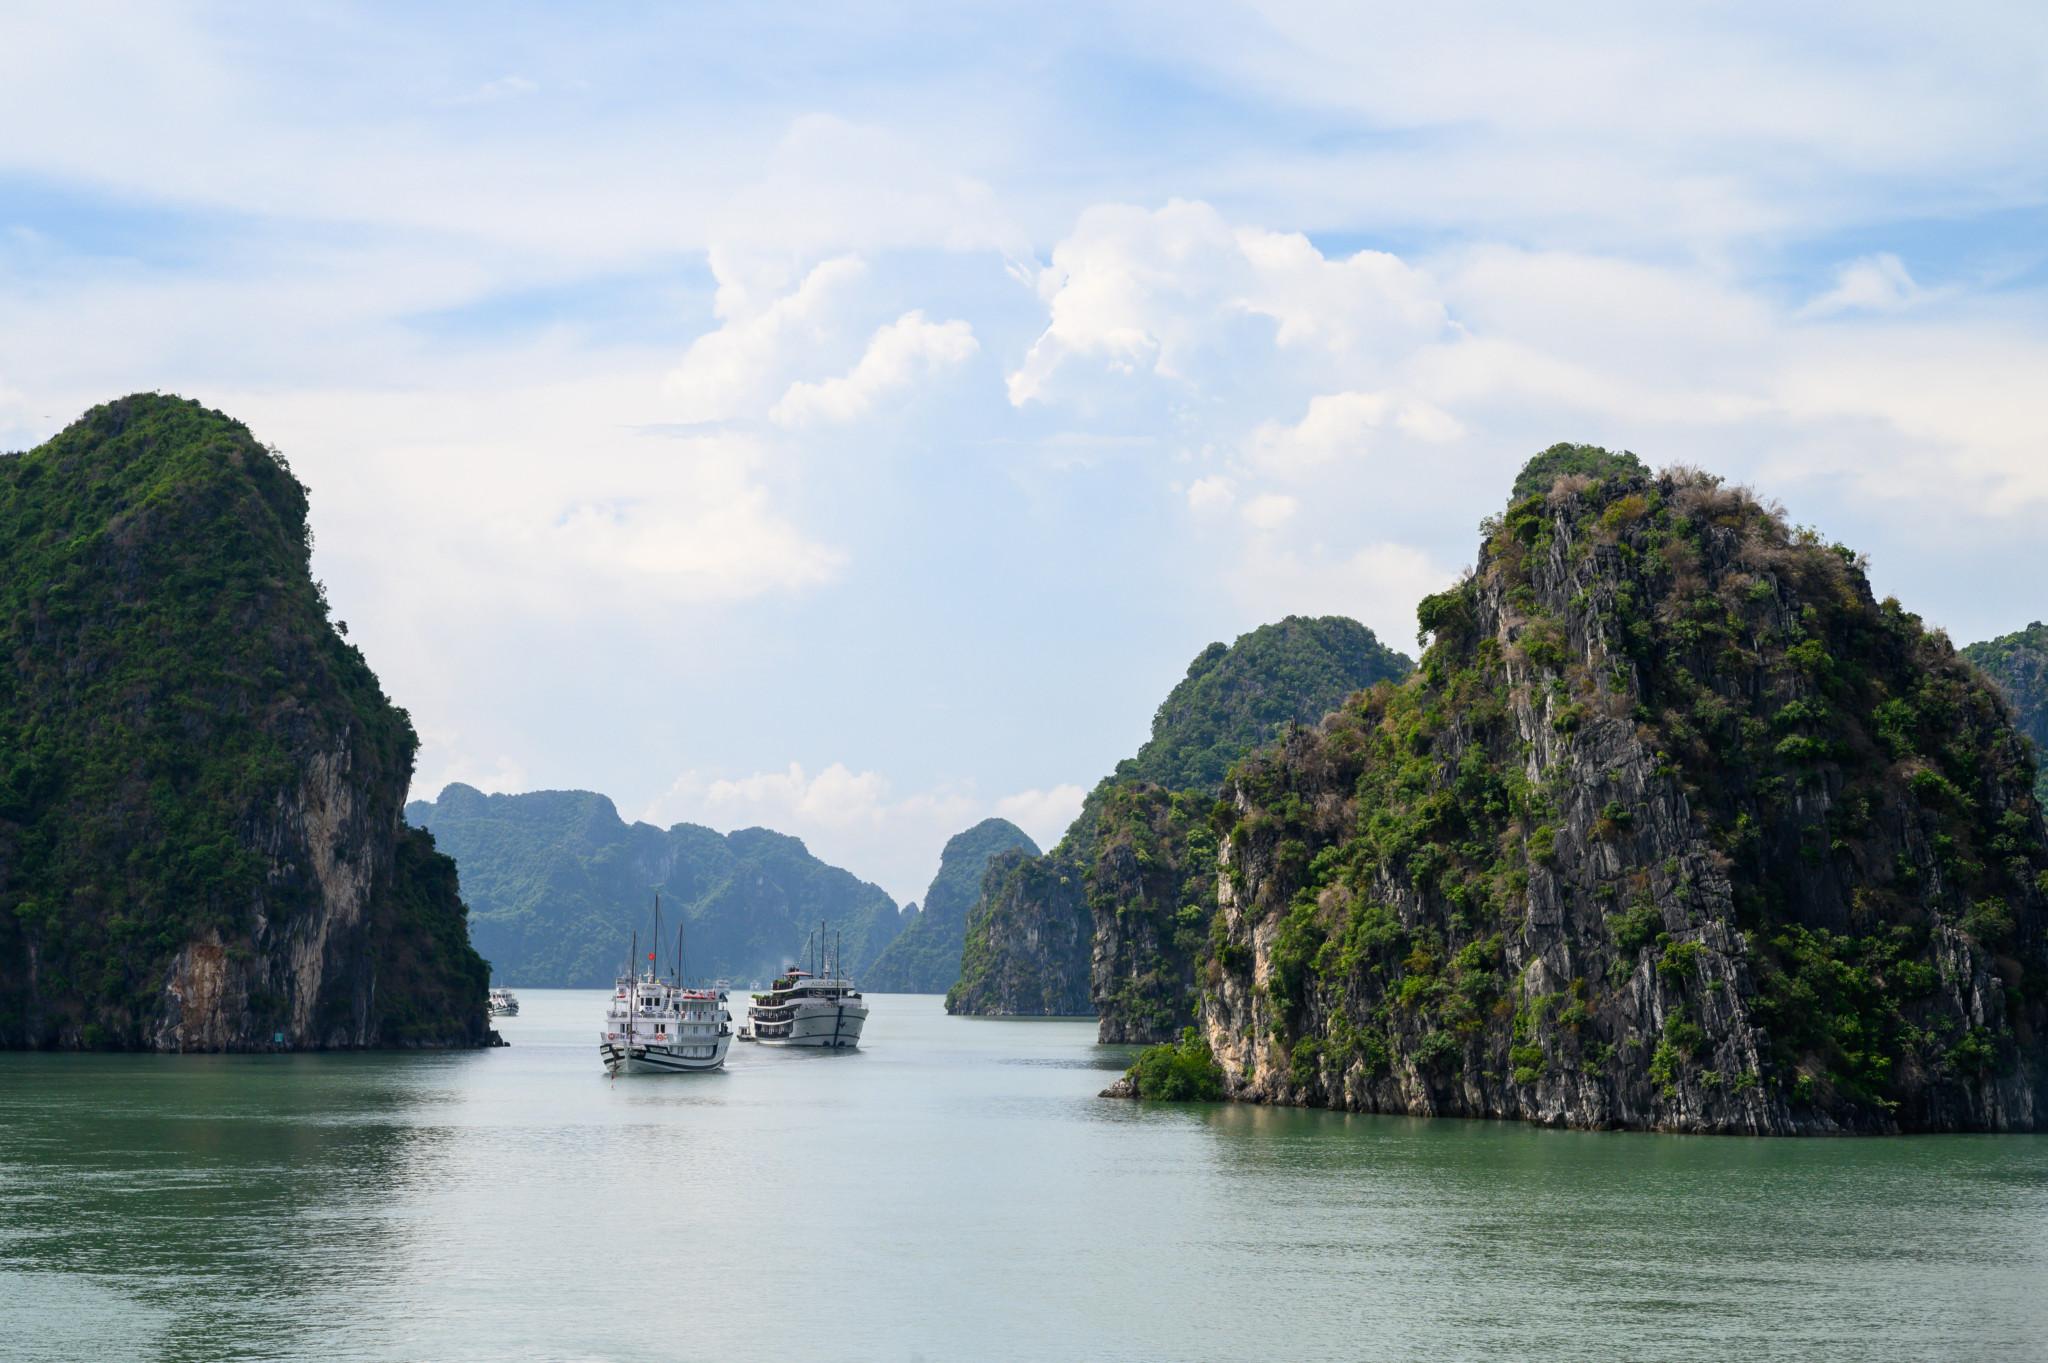 Auf Tour von Hanoi zur Halong Bucht in Vietnam